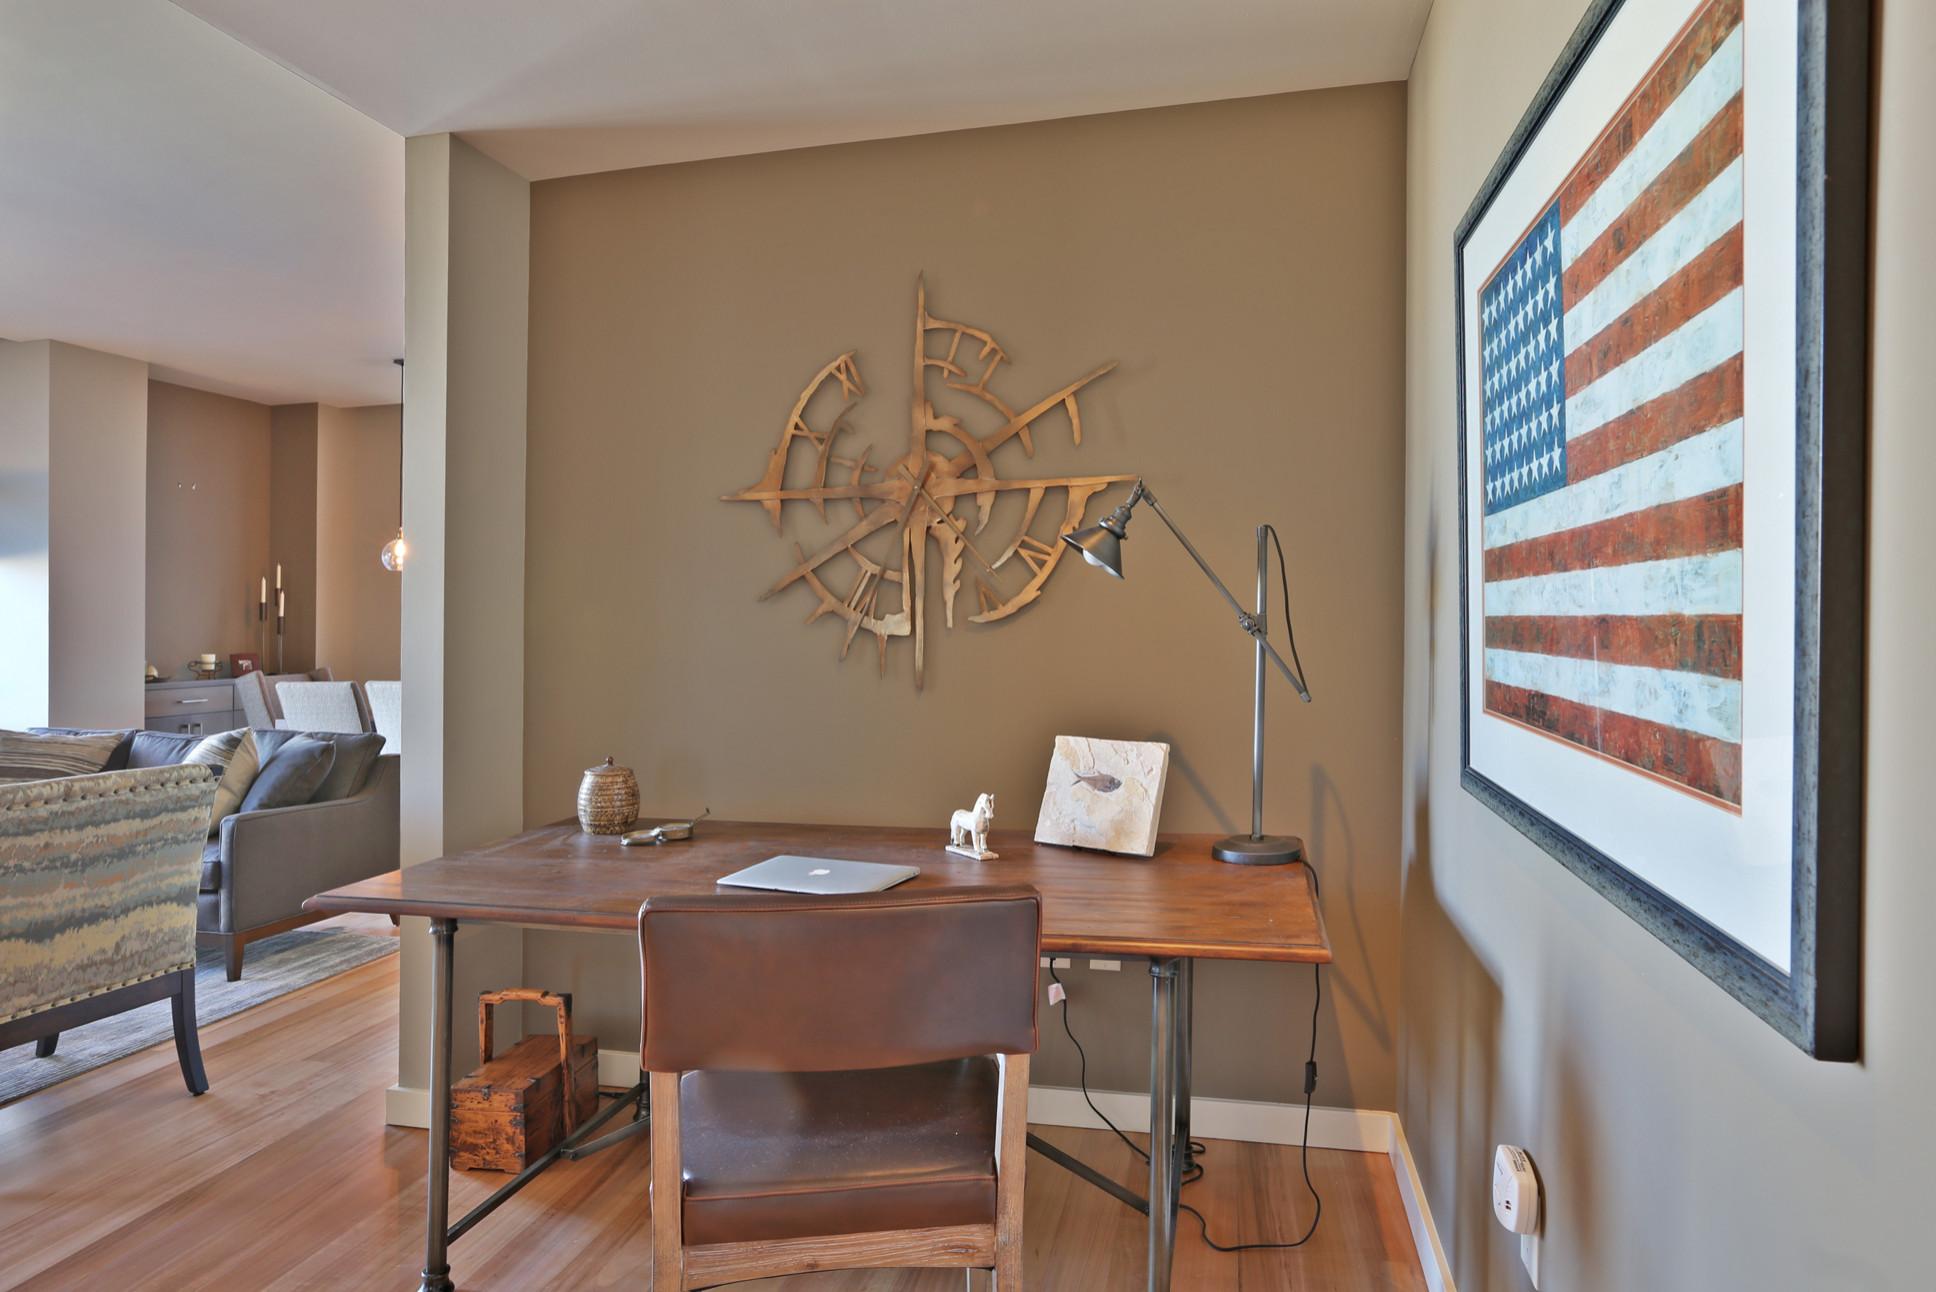 High Rise Interior Remodel by Lori Brock